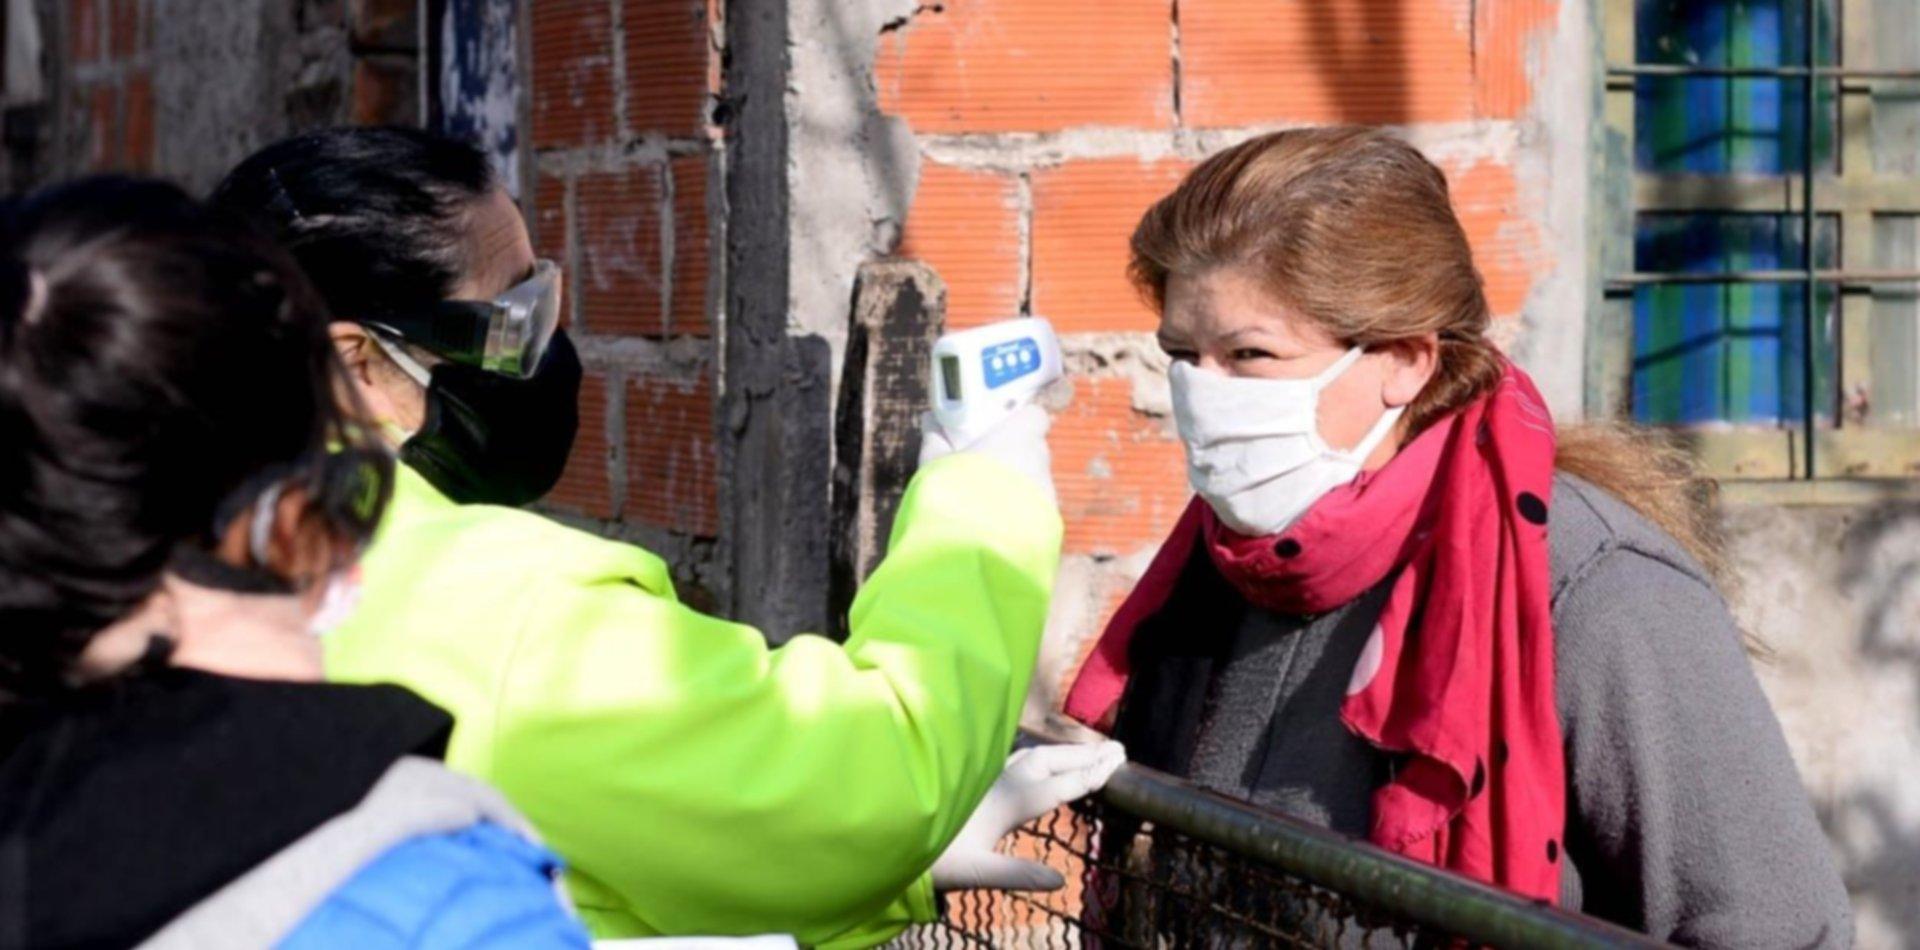 La Plata igualó su récord de contagios y ya son 1.222 los casos de coronavirus